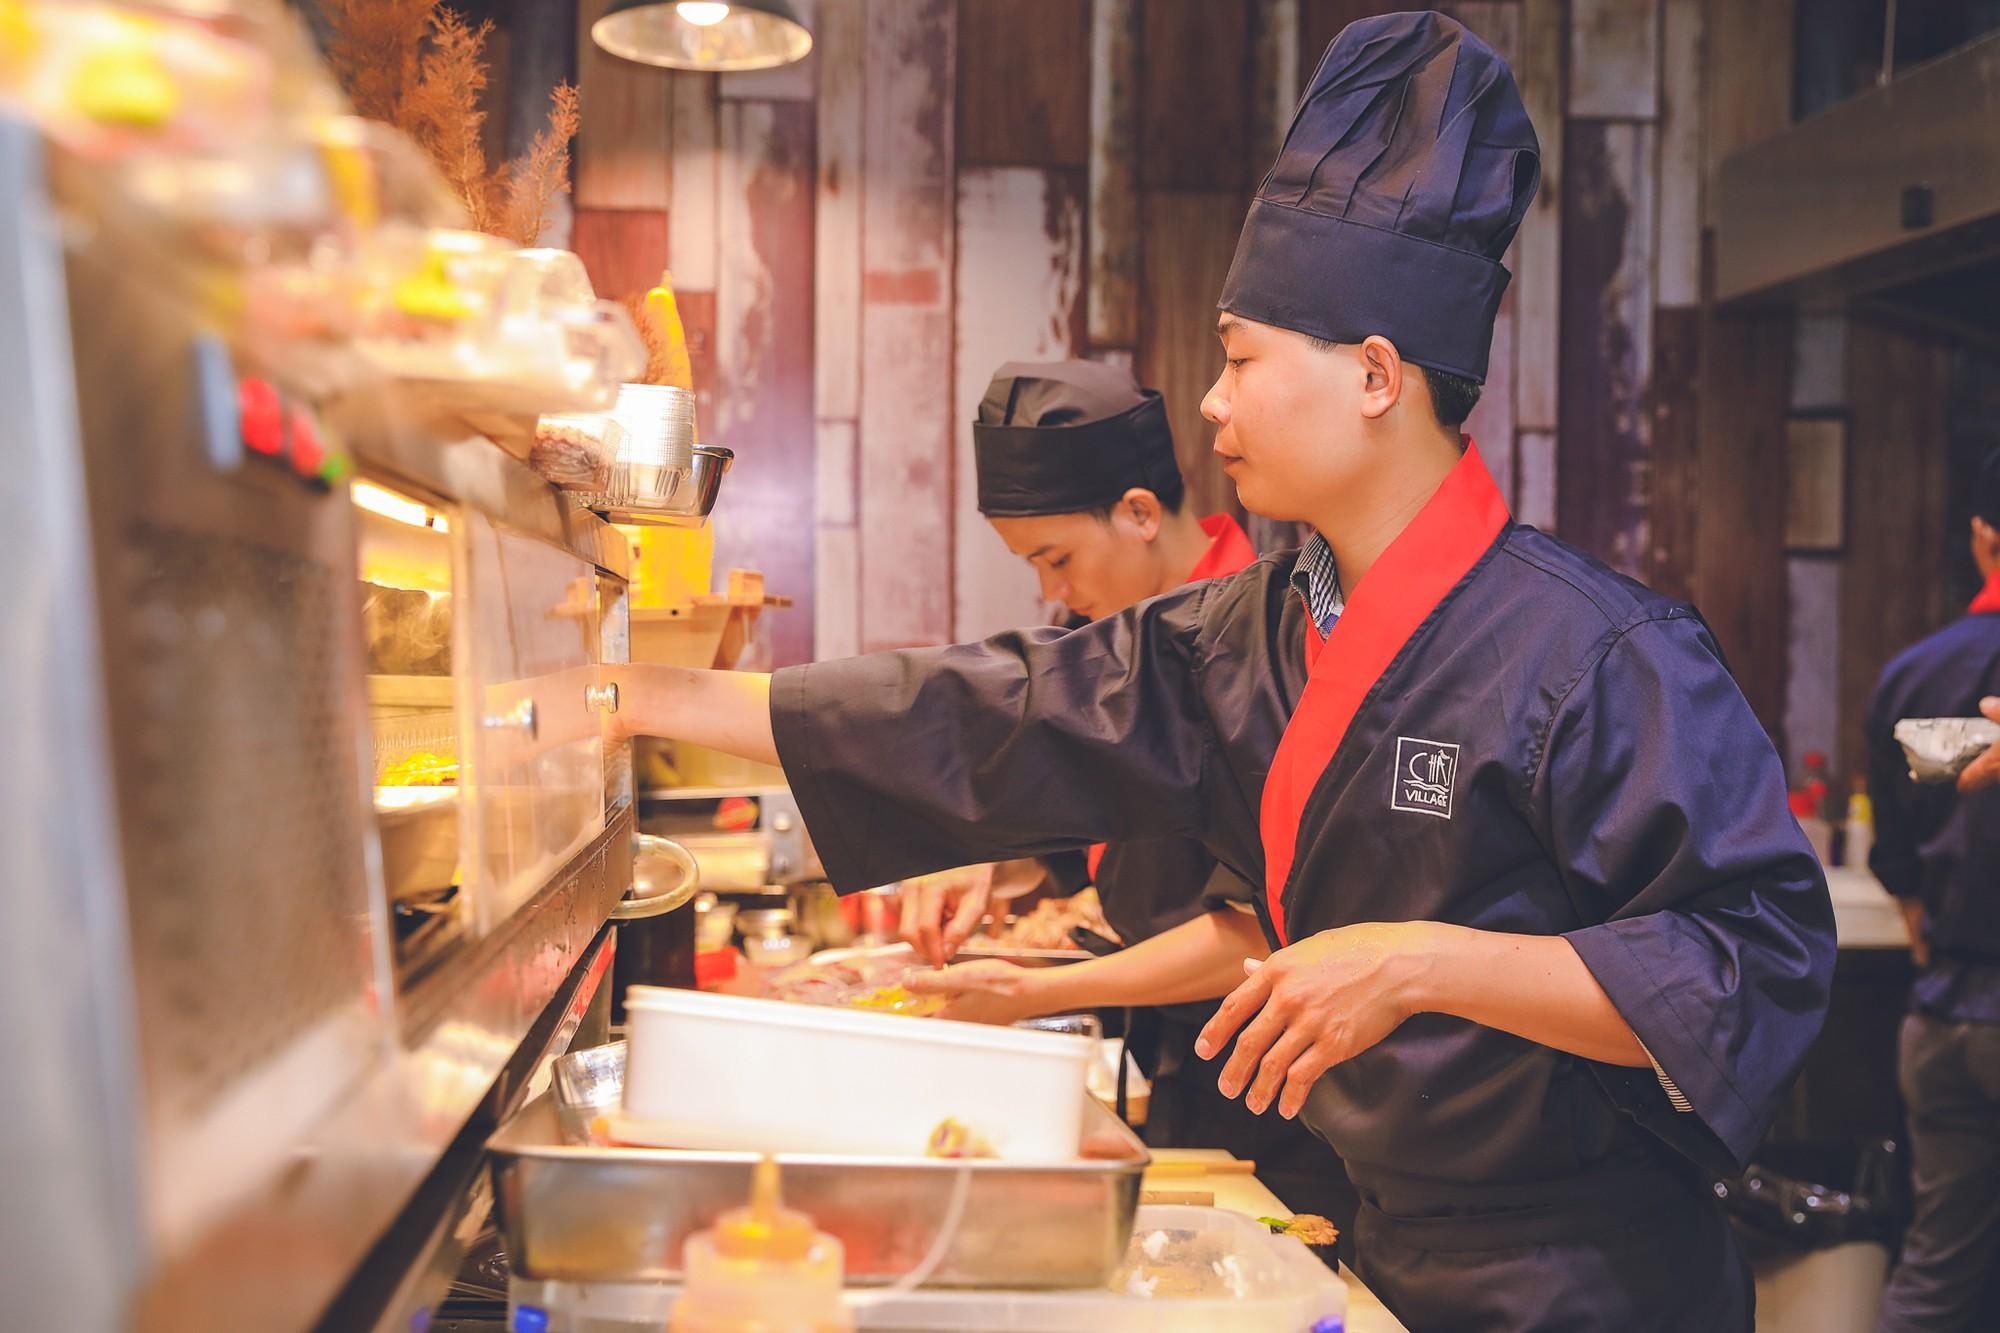 Chài Village: Sự dung hợp của yếu tố ẩm thực, văn hóa và không gian cảm nhận - Ảnh 4.